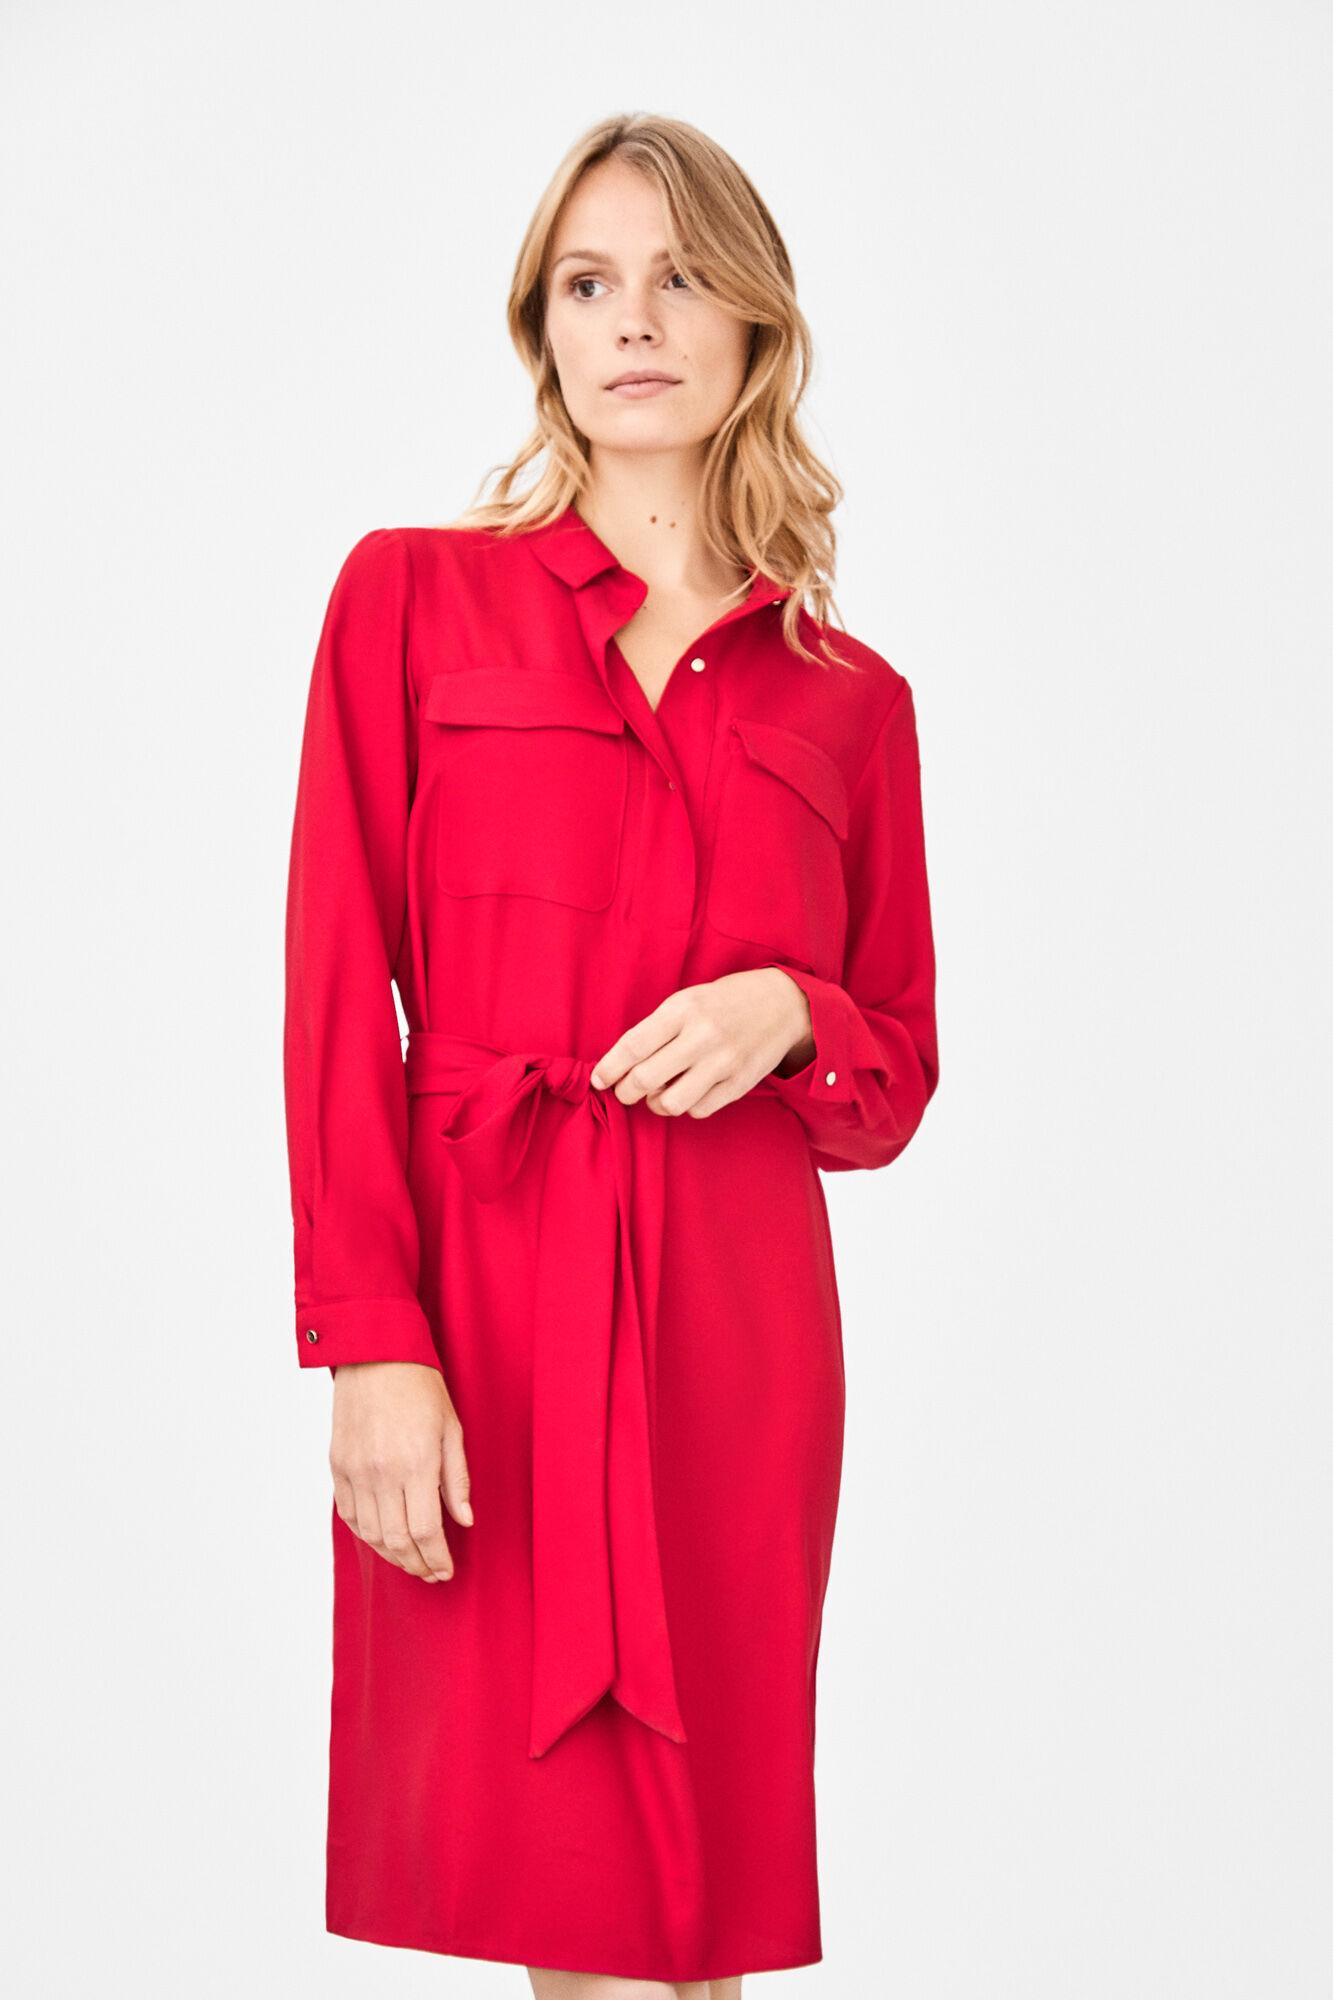 Vestido rojo corto manga francesa